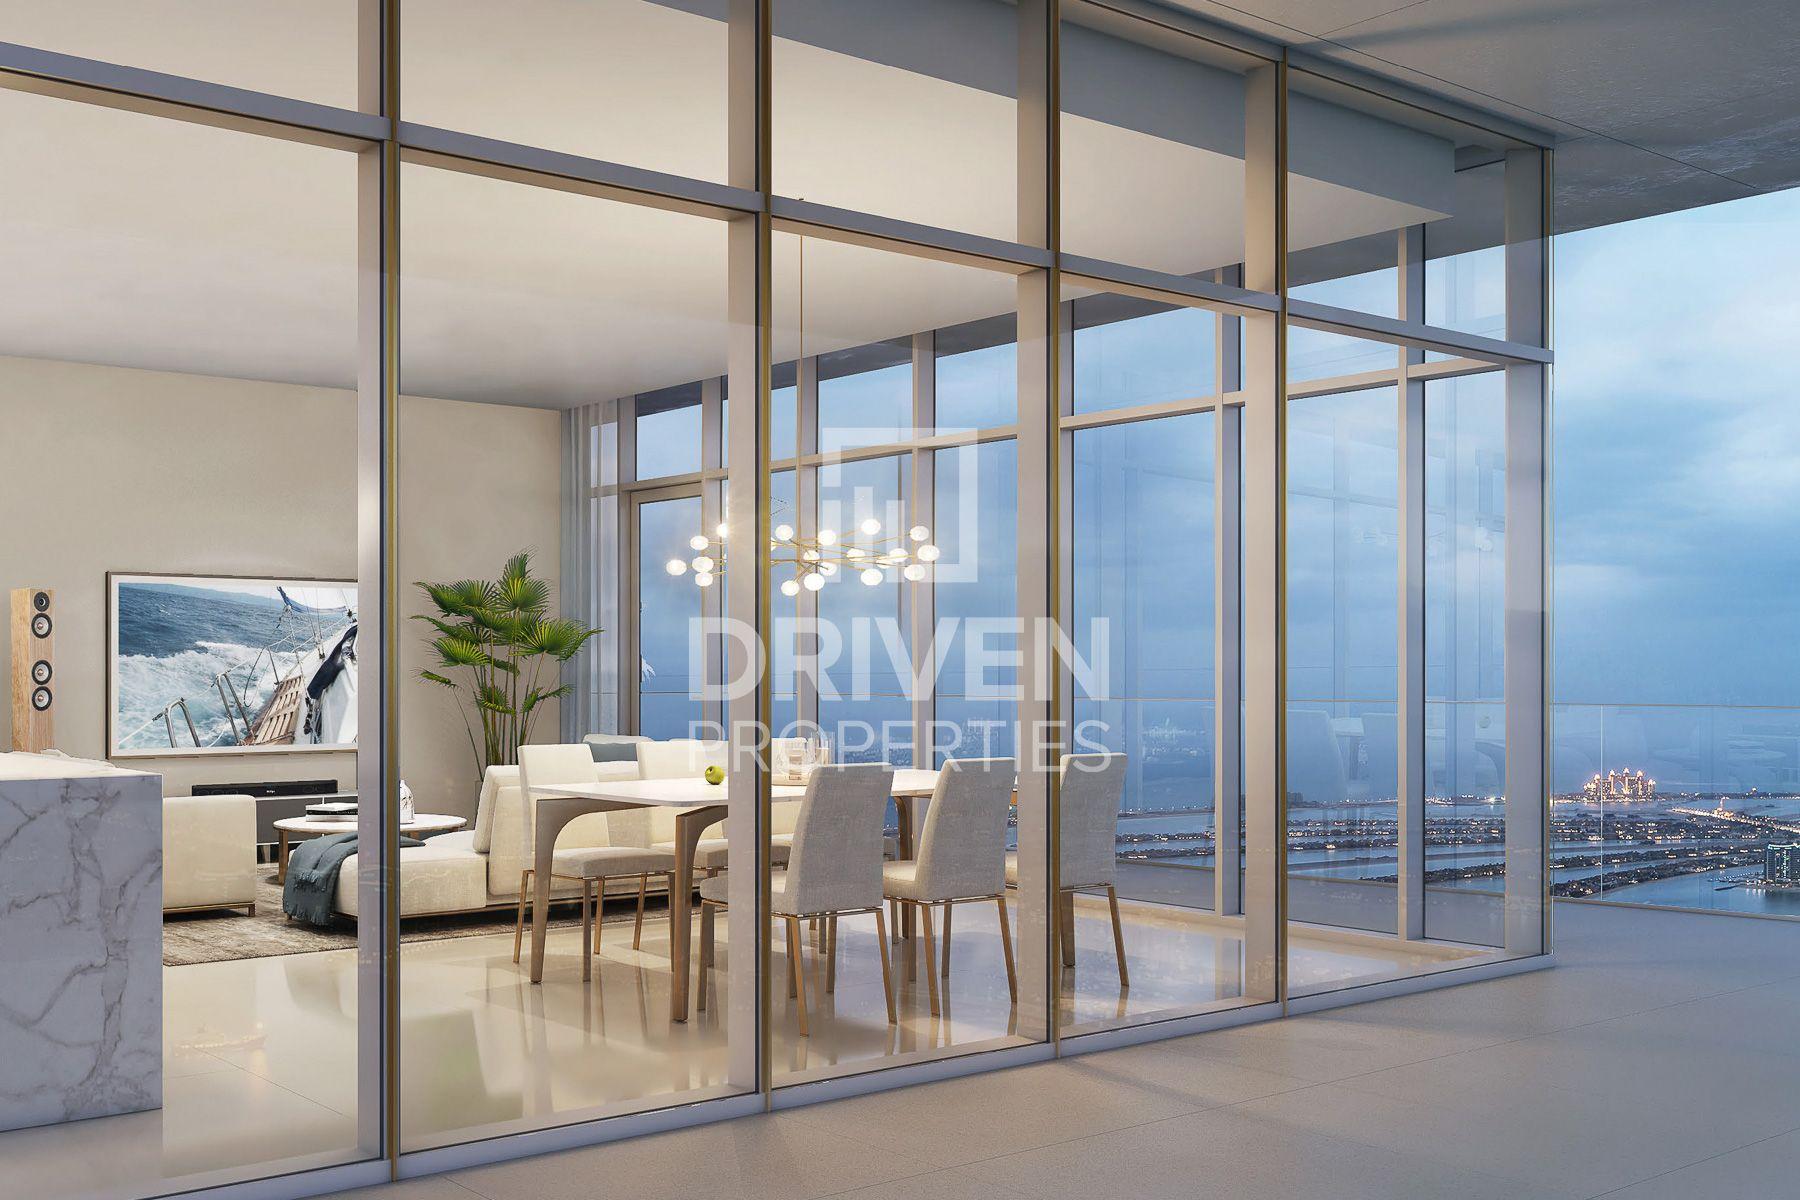 للبيع - شقة - بيتش فيستا - دبي هاربور